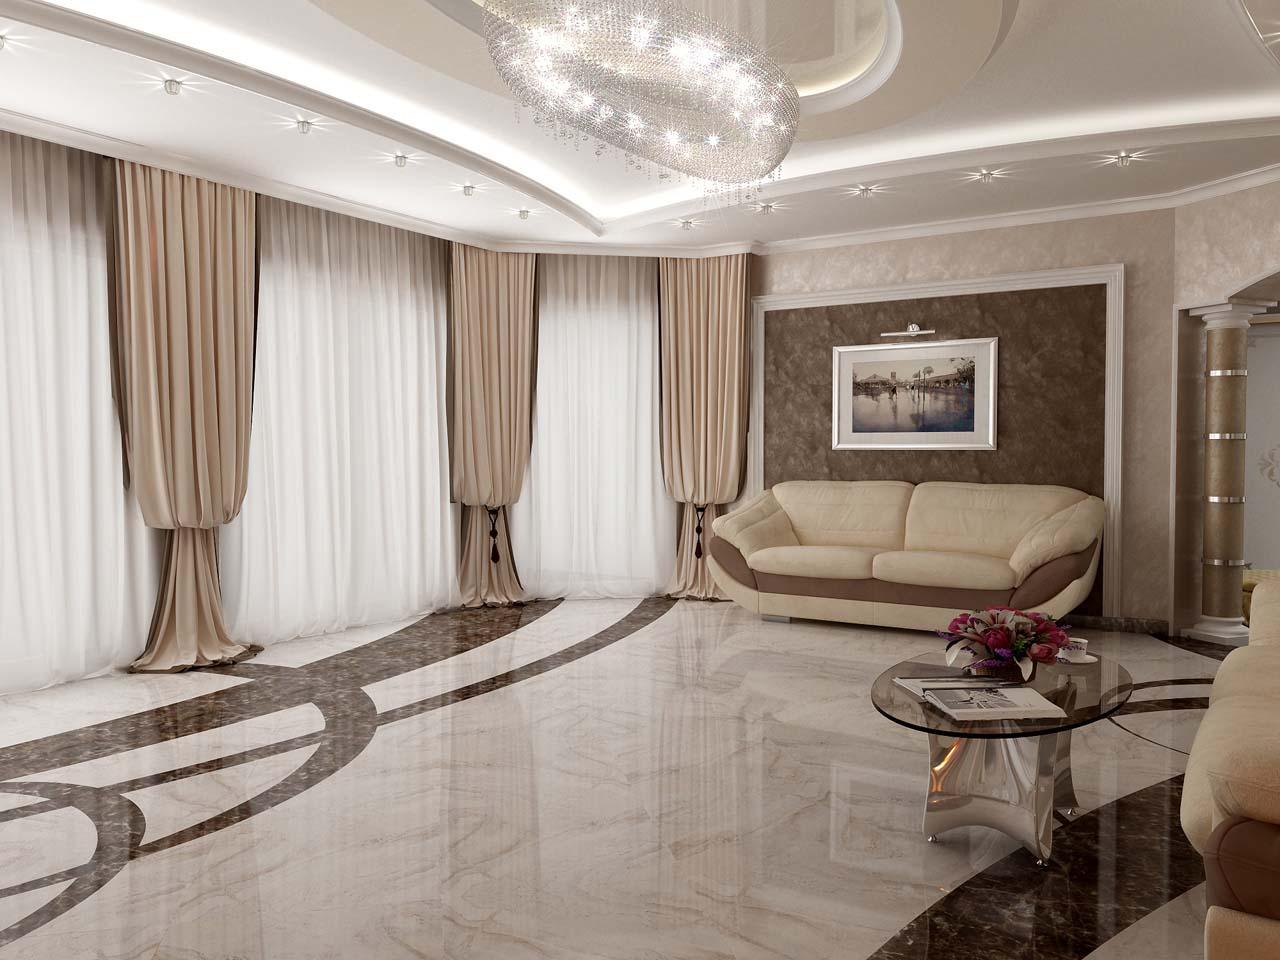 шторы для гостиной в стиле неоклассика фото